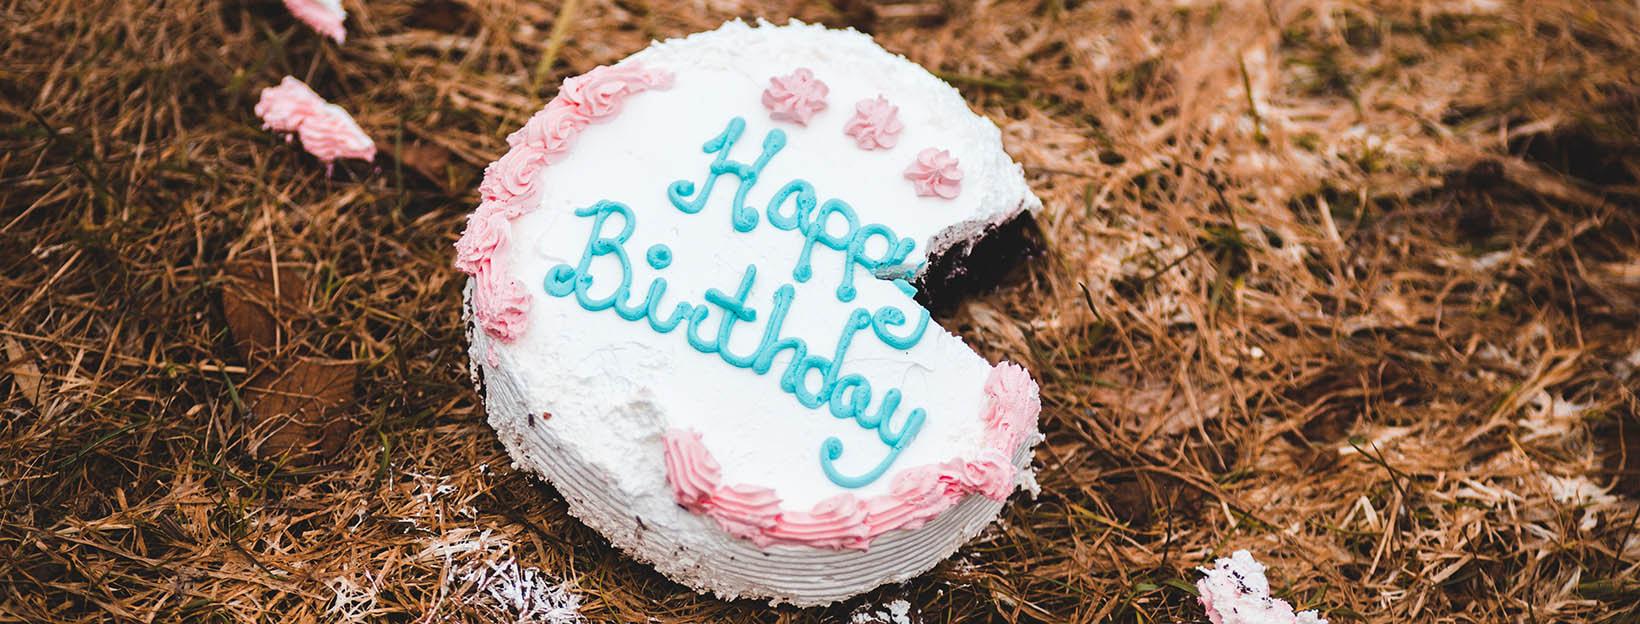 Halb gegessener Geburtstagskuchen für nachträgliche Glückwünsche